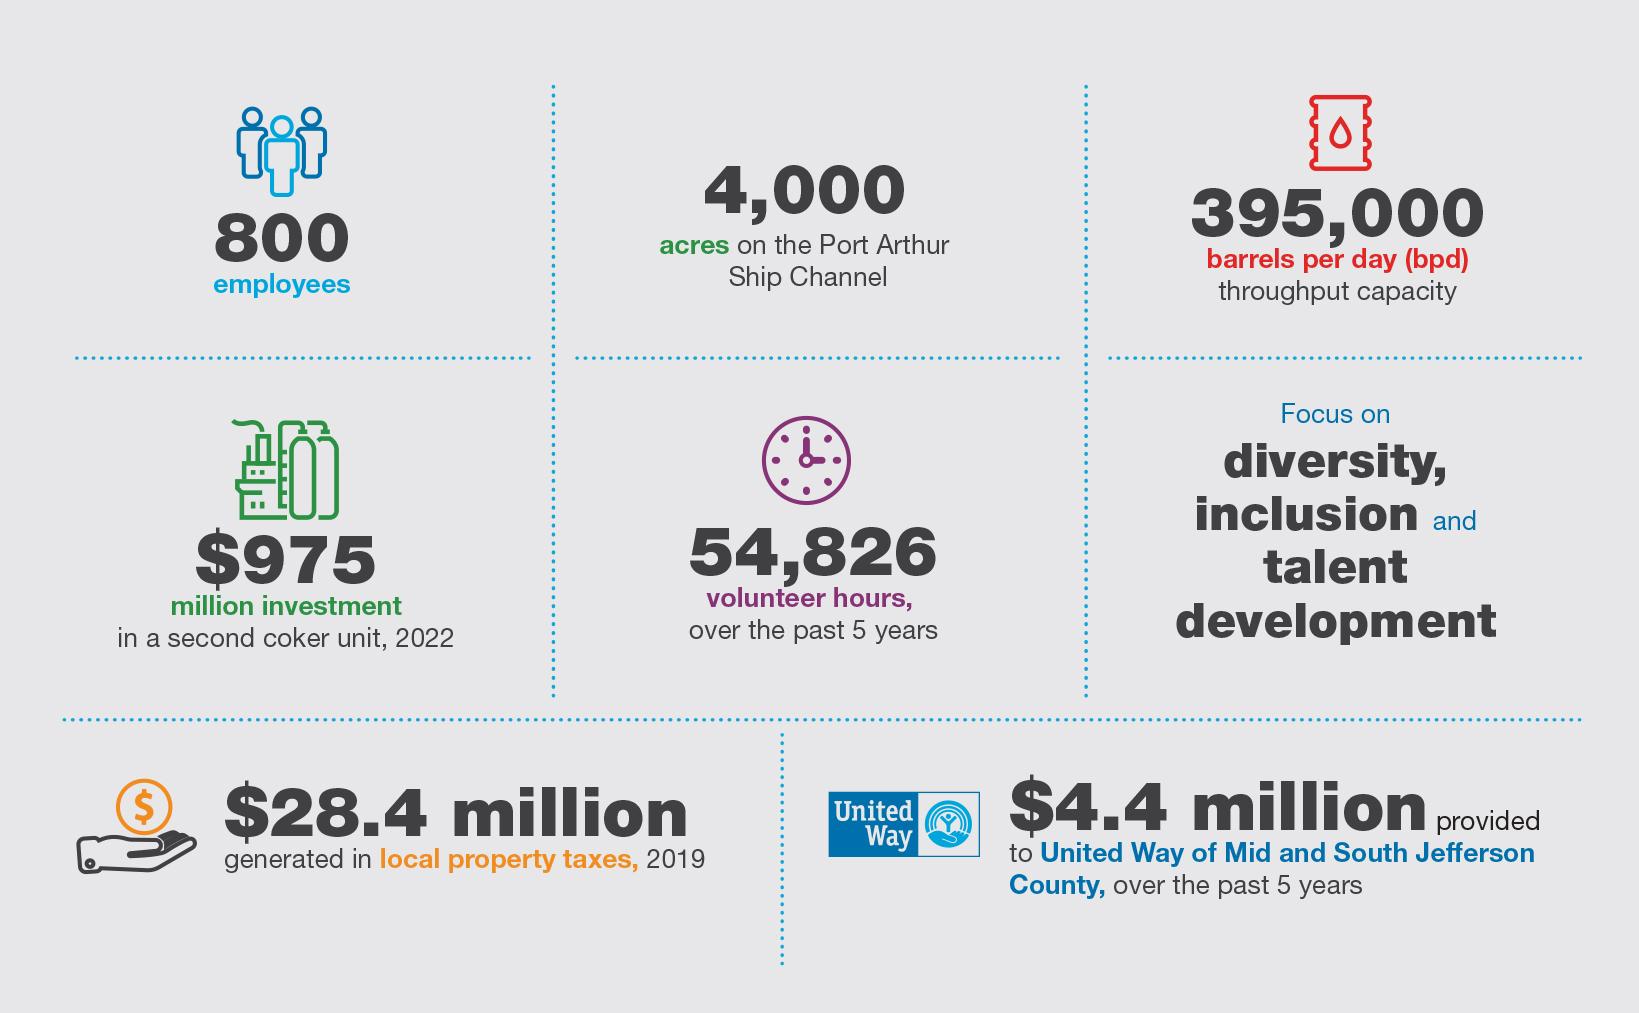 Valero Port Arthur Refinery Infographic